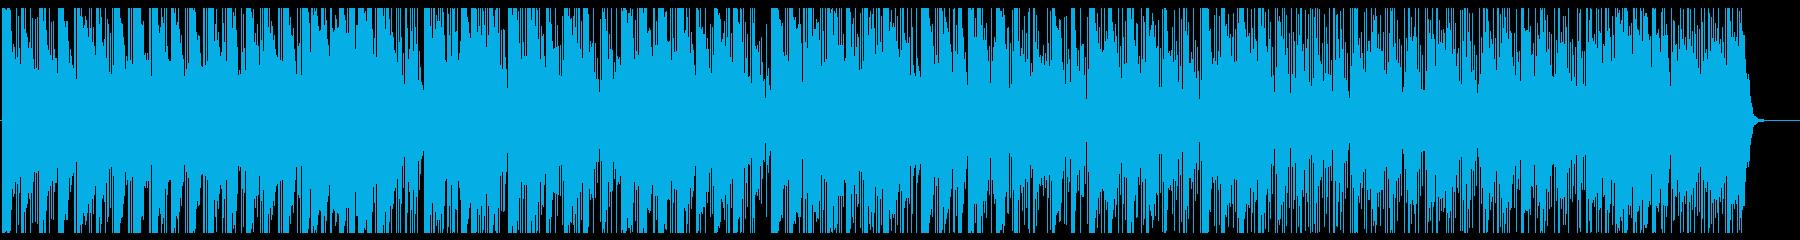 マレット音とシンセのゆったりポップスの再生済みの波形